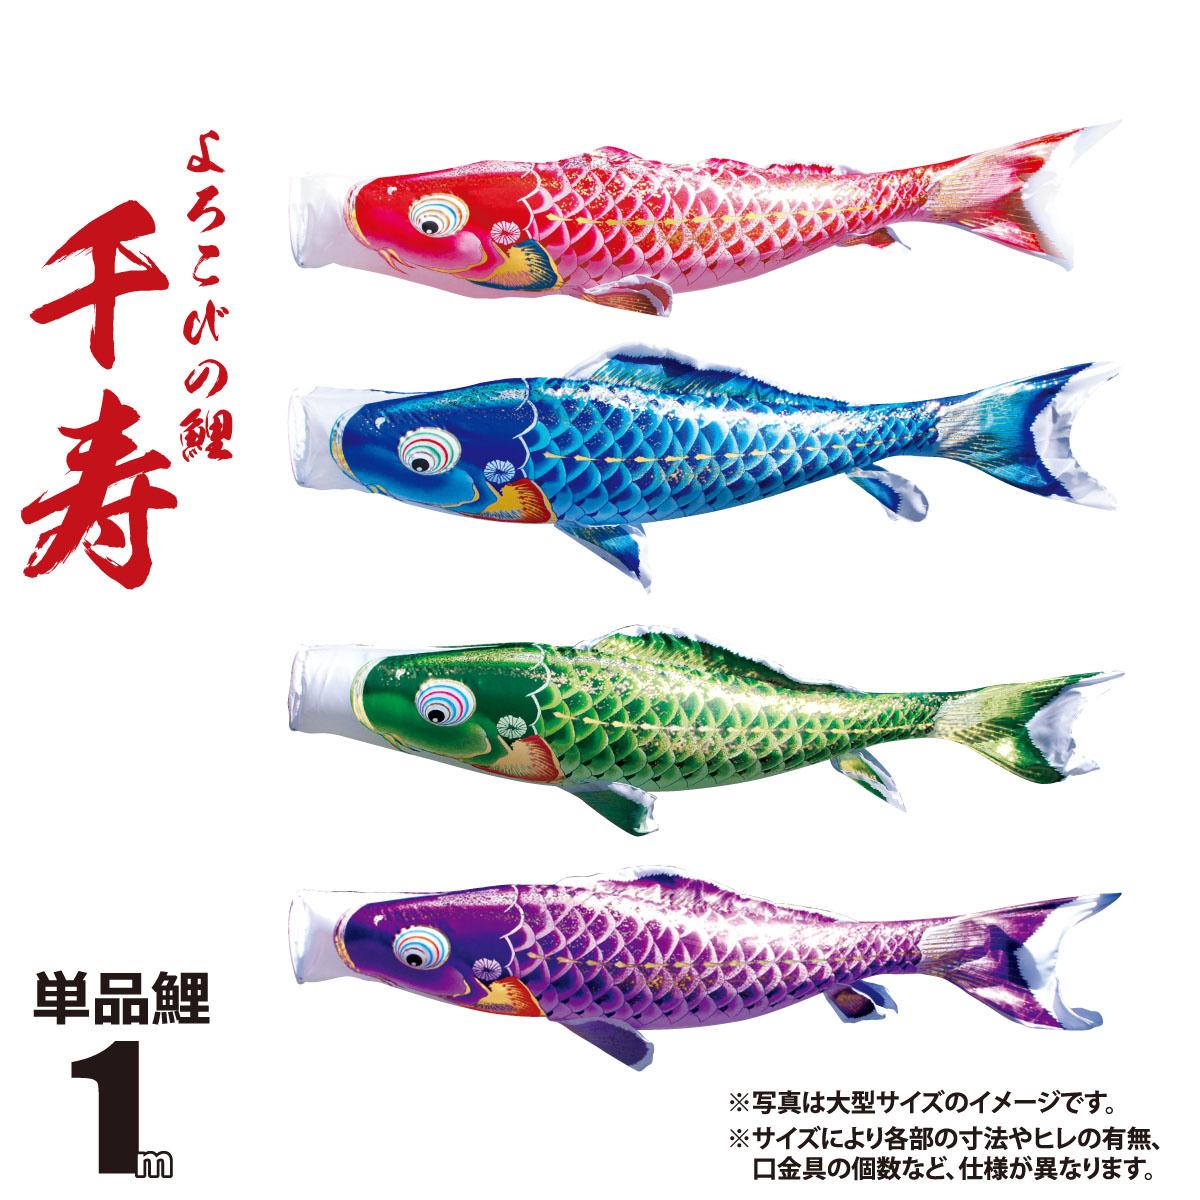 鯉のぼり 単品 一匹単位千寿 単品こいのぼり 1m 口金具付きカラー:赤鯉/青鯉/緑鯉/紫鯉ポリエステル立体交差生地 撥水(はっ水)加工徳永鯉のぼり こいのぼり KOI-TPK-001-339